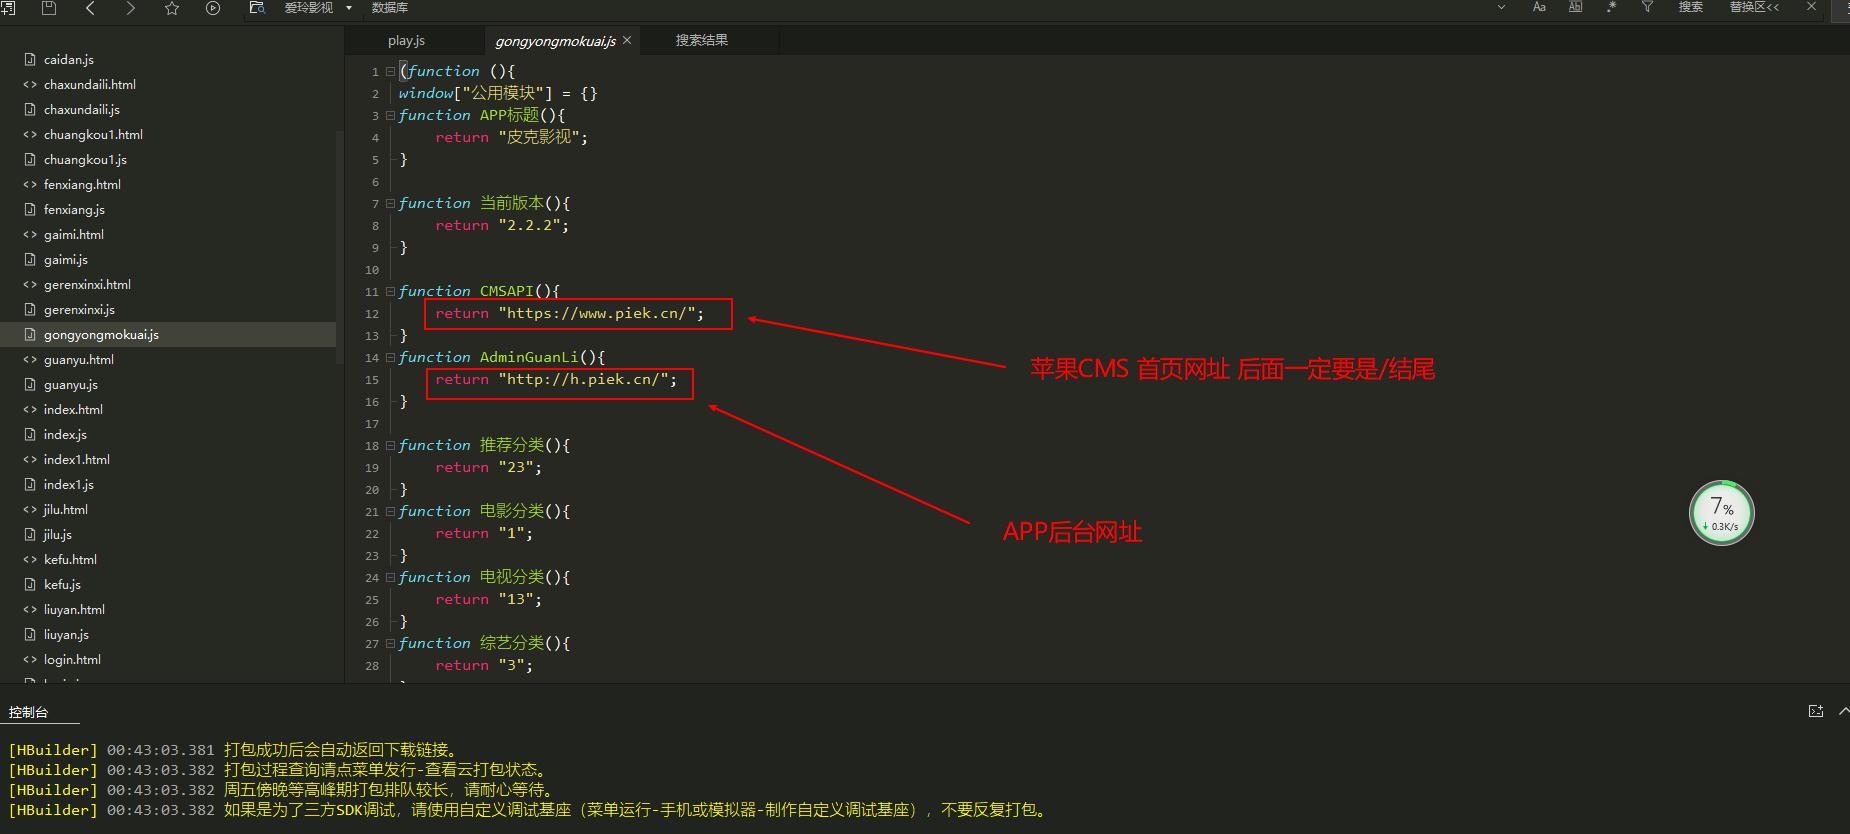 全新超美ui苹果cms app源码编译设置-常网小站Miknio